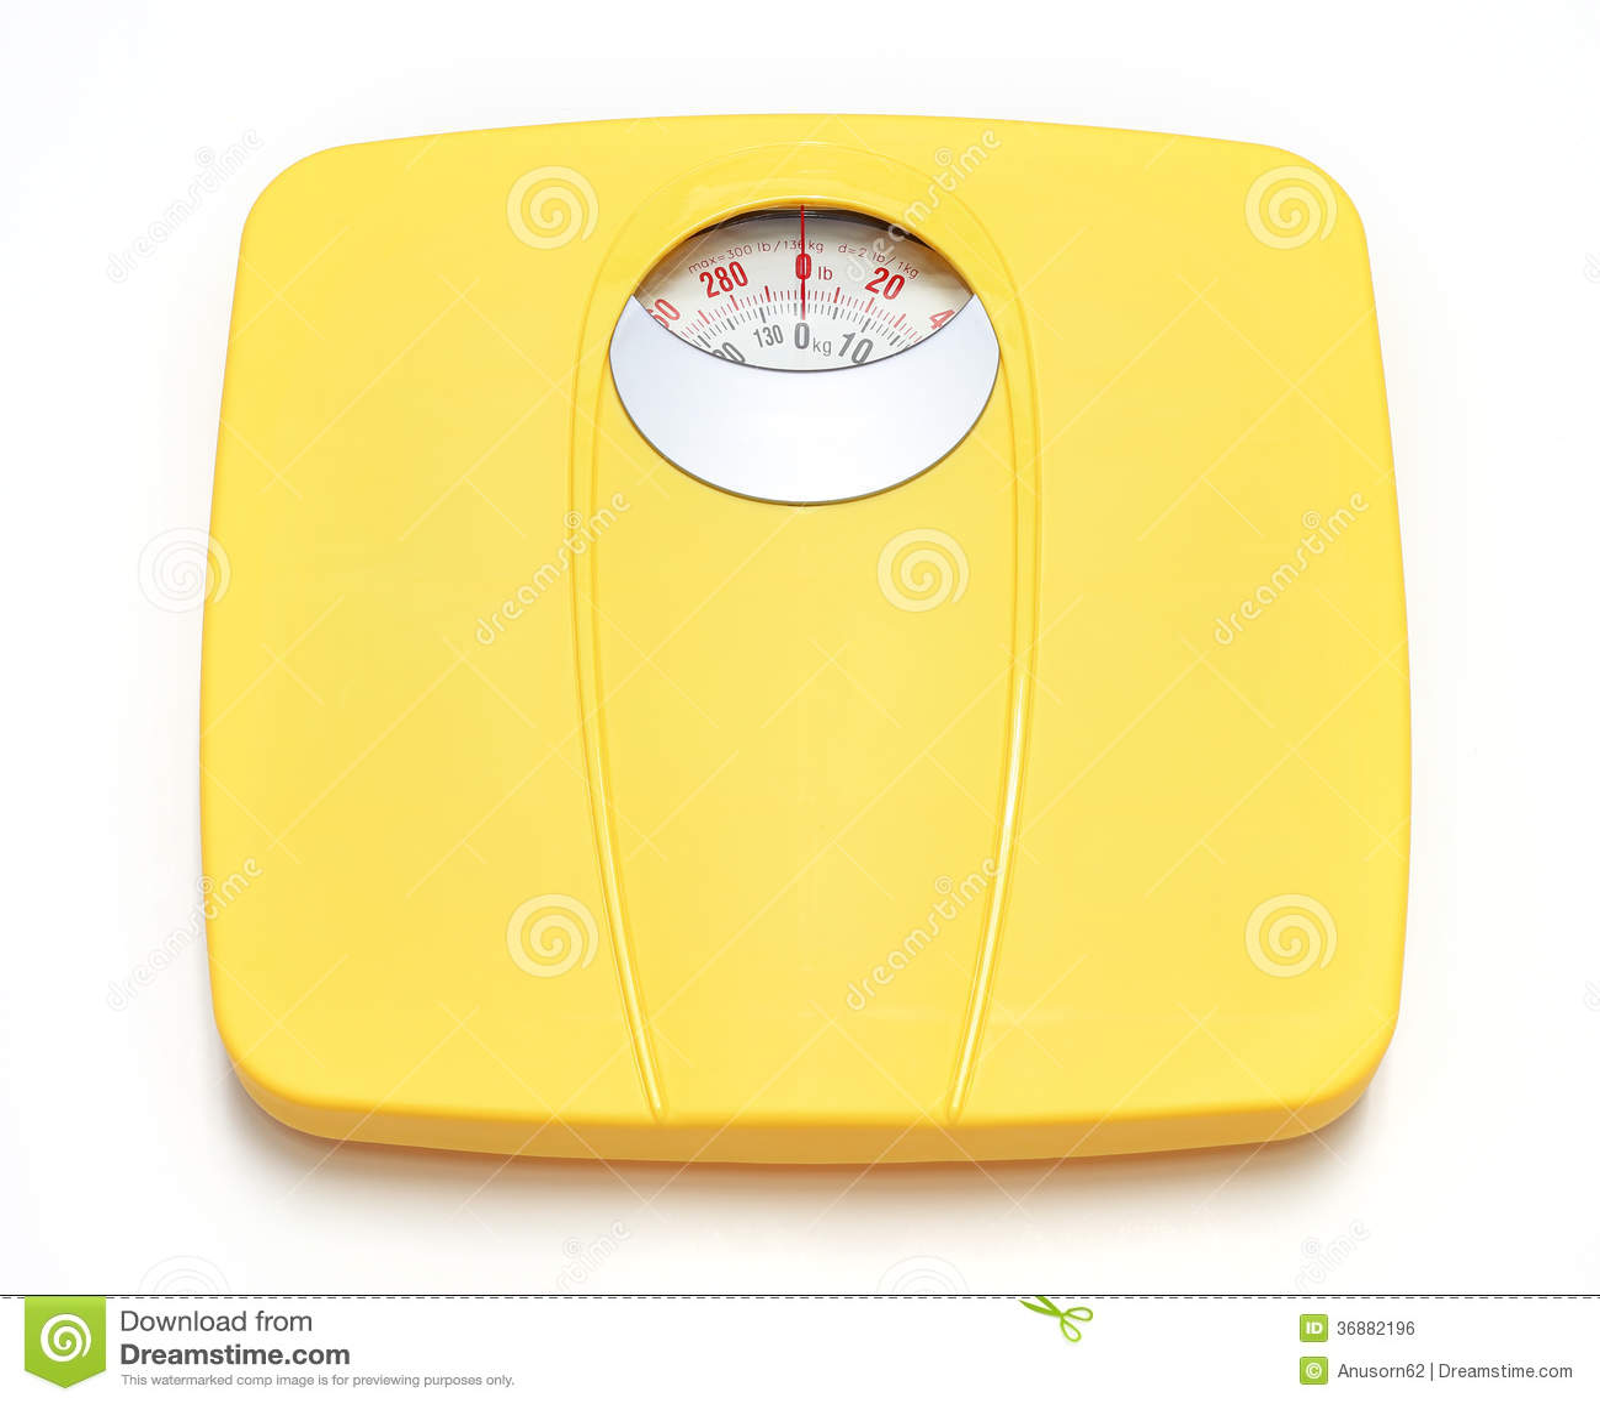 卫生间重量标度图片